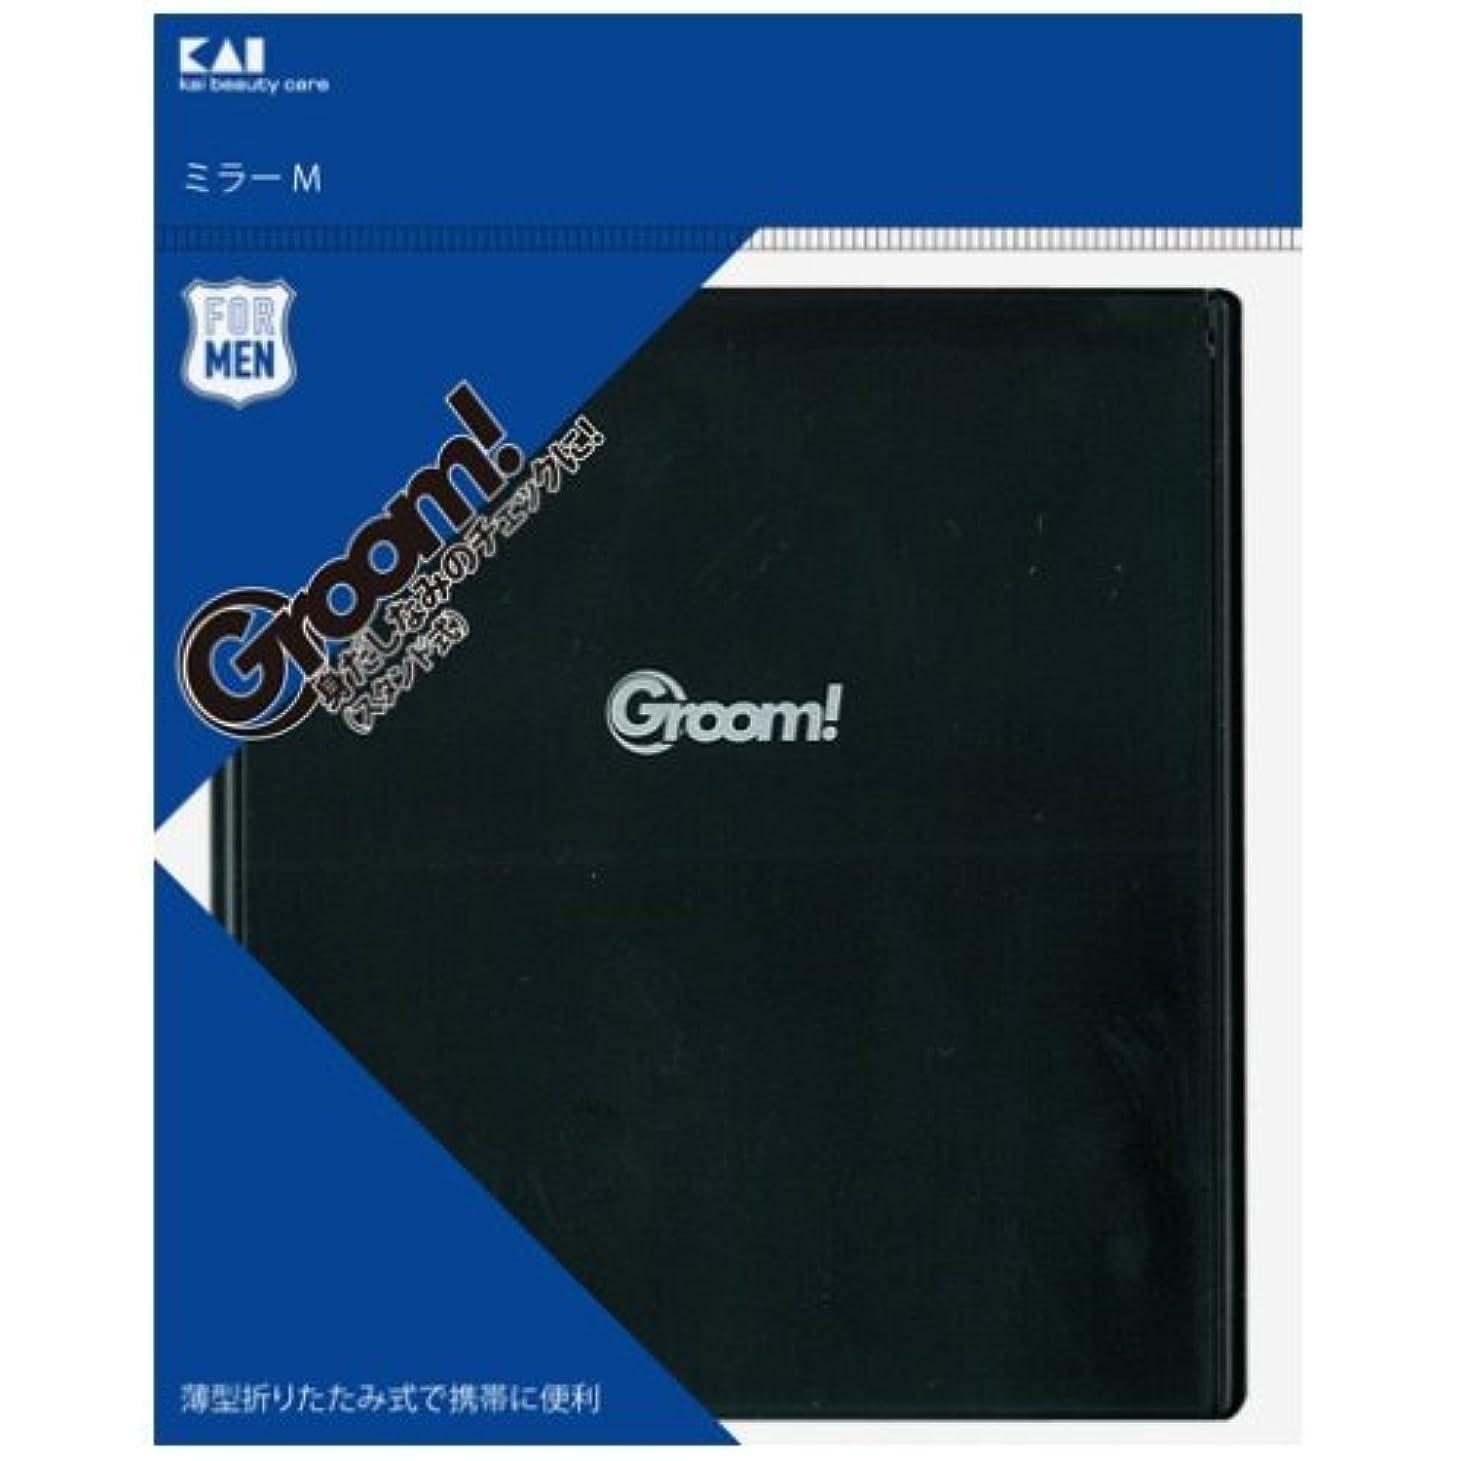 ラジウム矢印繊毛グルーム(Groom!) ミラーM HC3031